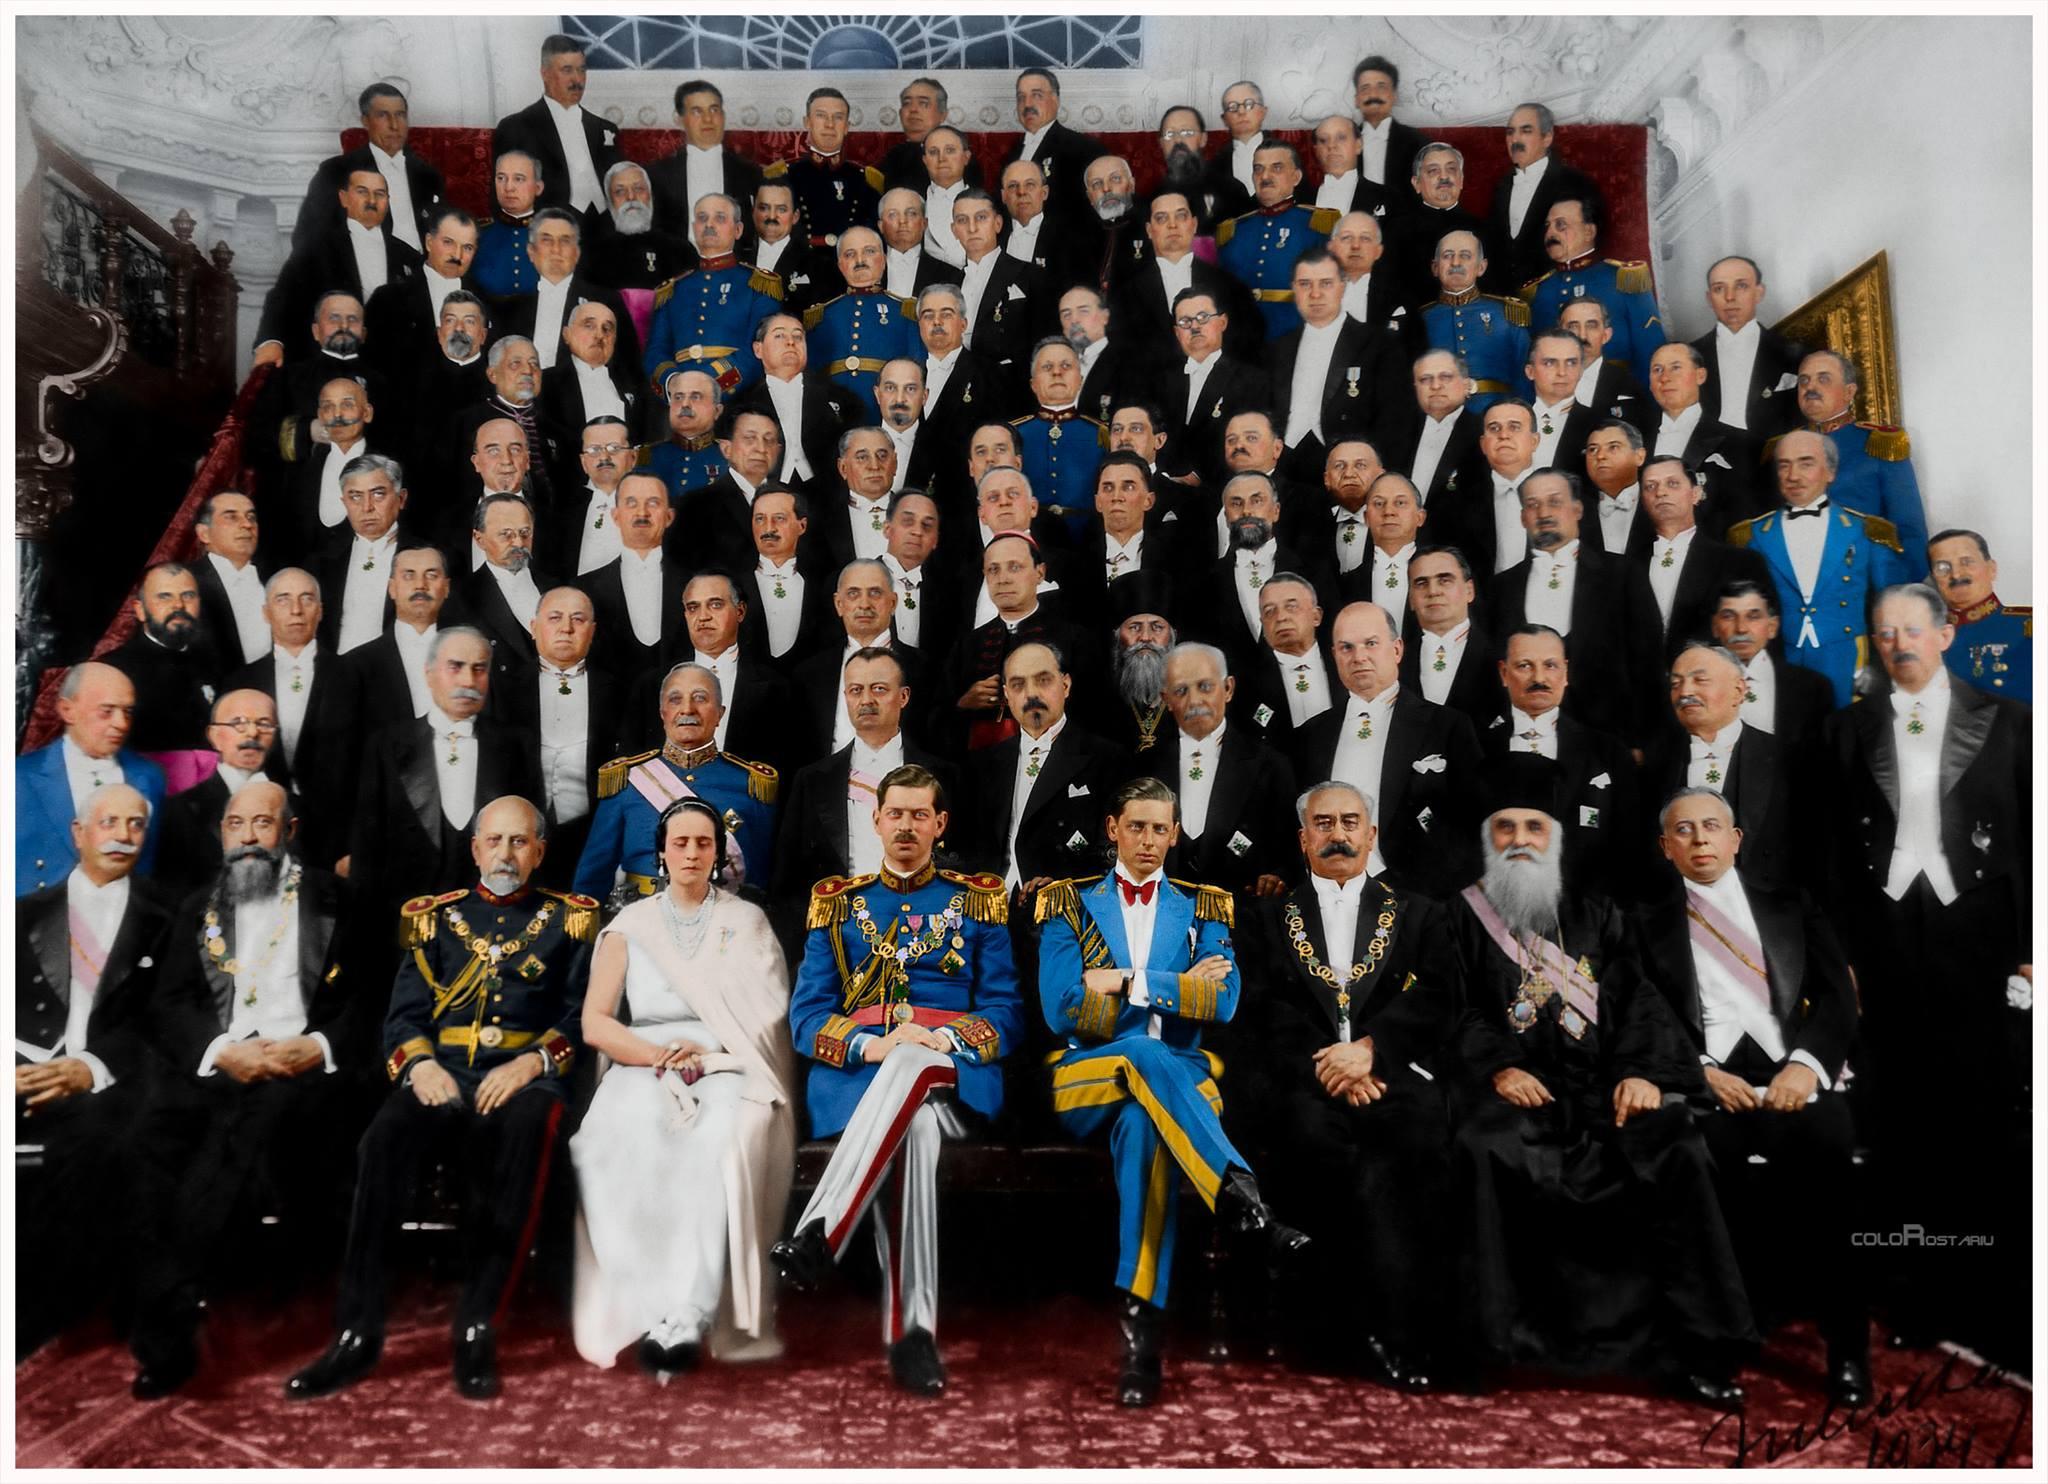 3-familia-regala-impreuna-cu-elita-politicii-romanesti-in-anul-1934-edit-color-de-rostariu-florin-2048x1484